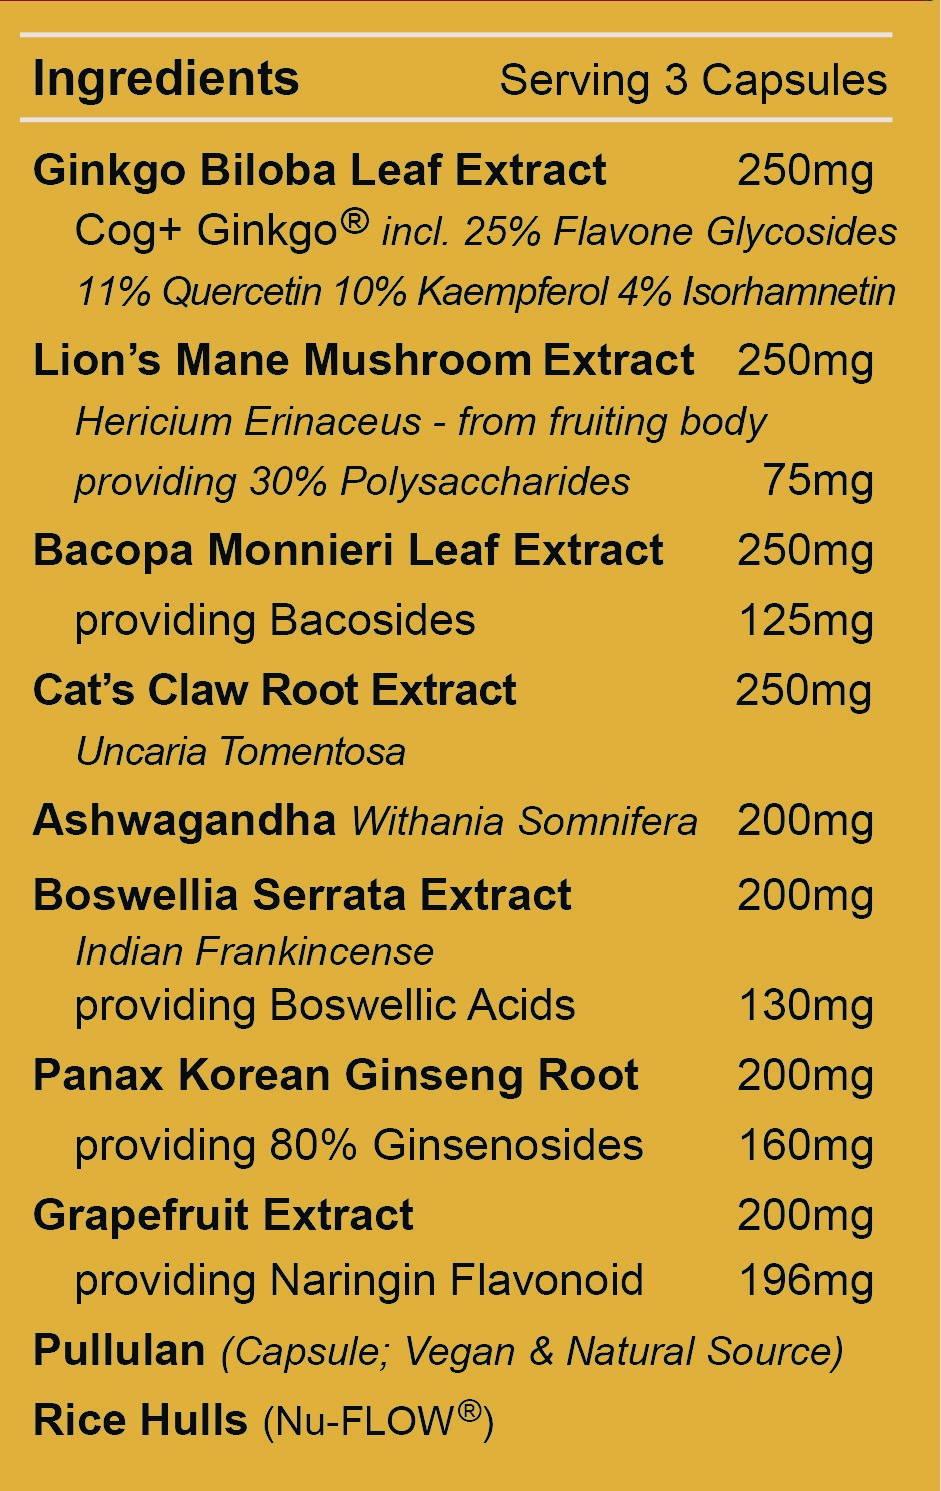 NeruoMem 4 - Ingredients